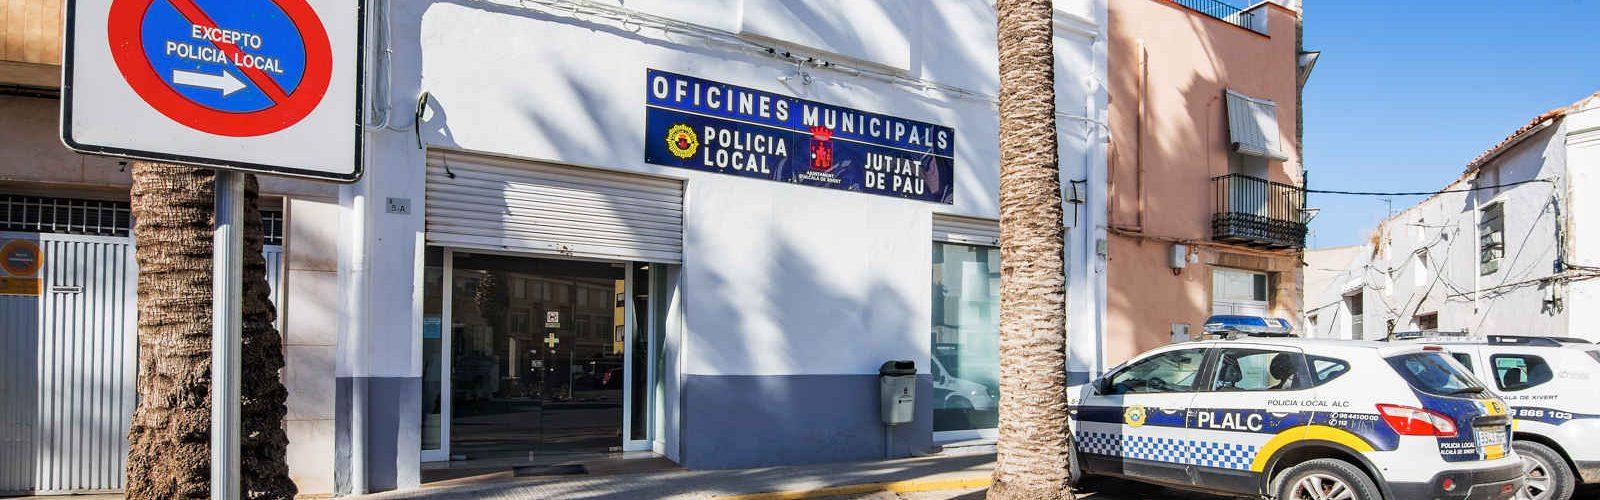 Accions de la Policia Local Alcalà-Alcossebre contra l'absentisme escolar